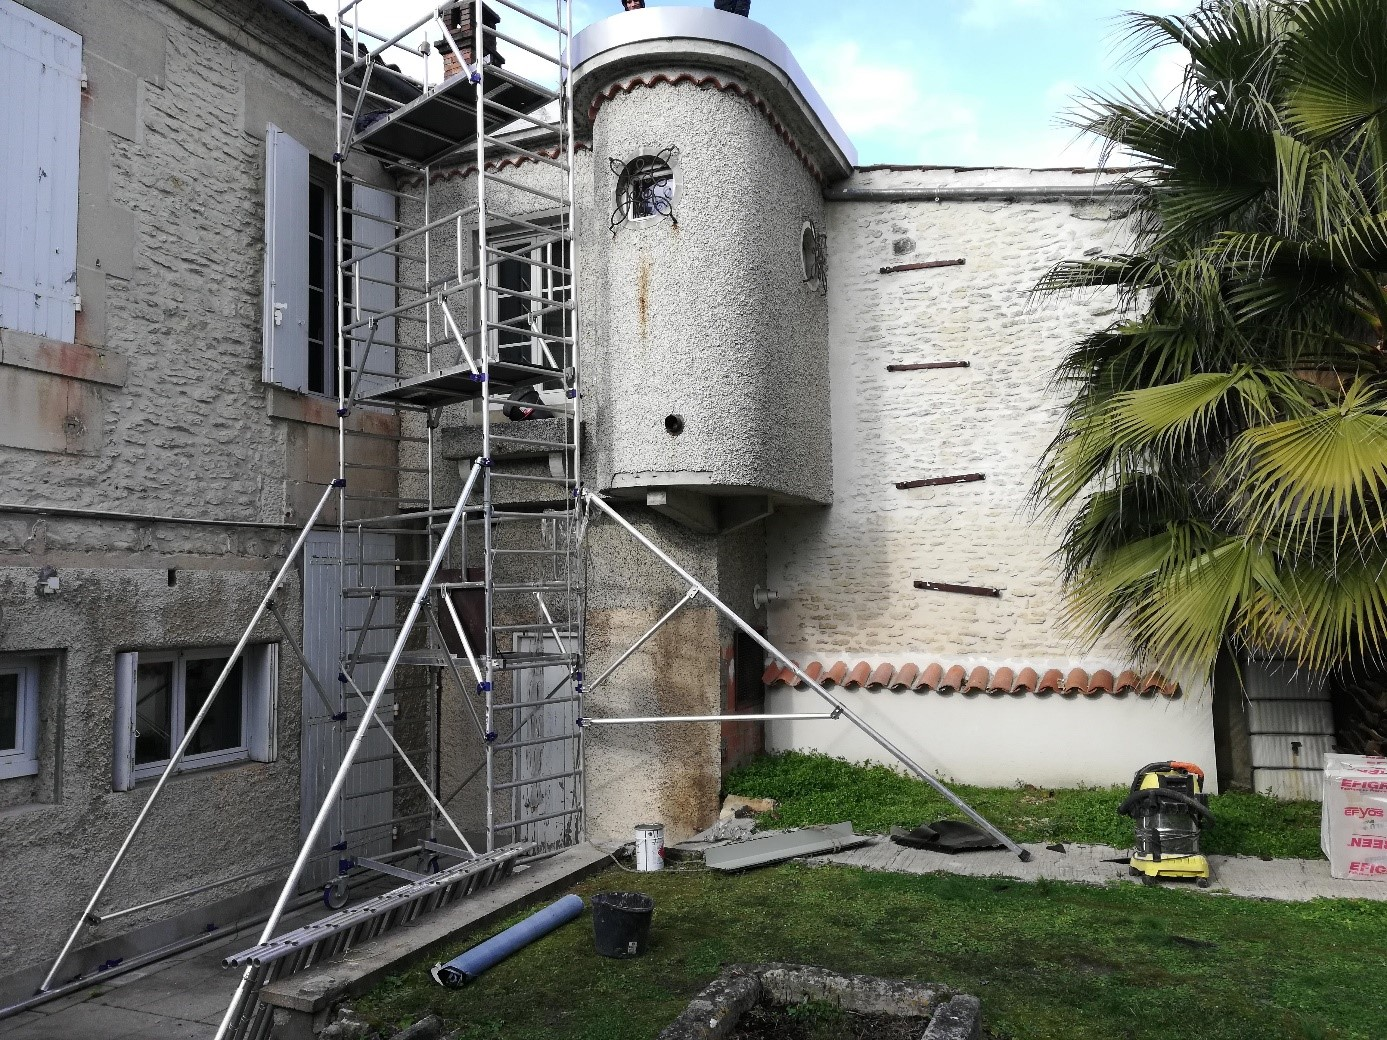 Rénovation d'un toit terrasse à Cognac (16)